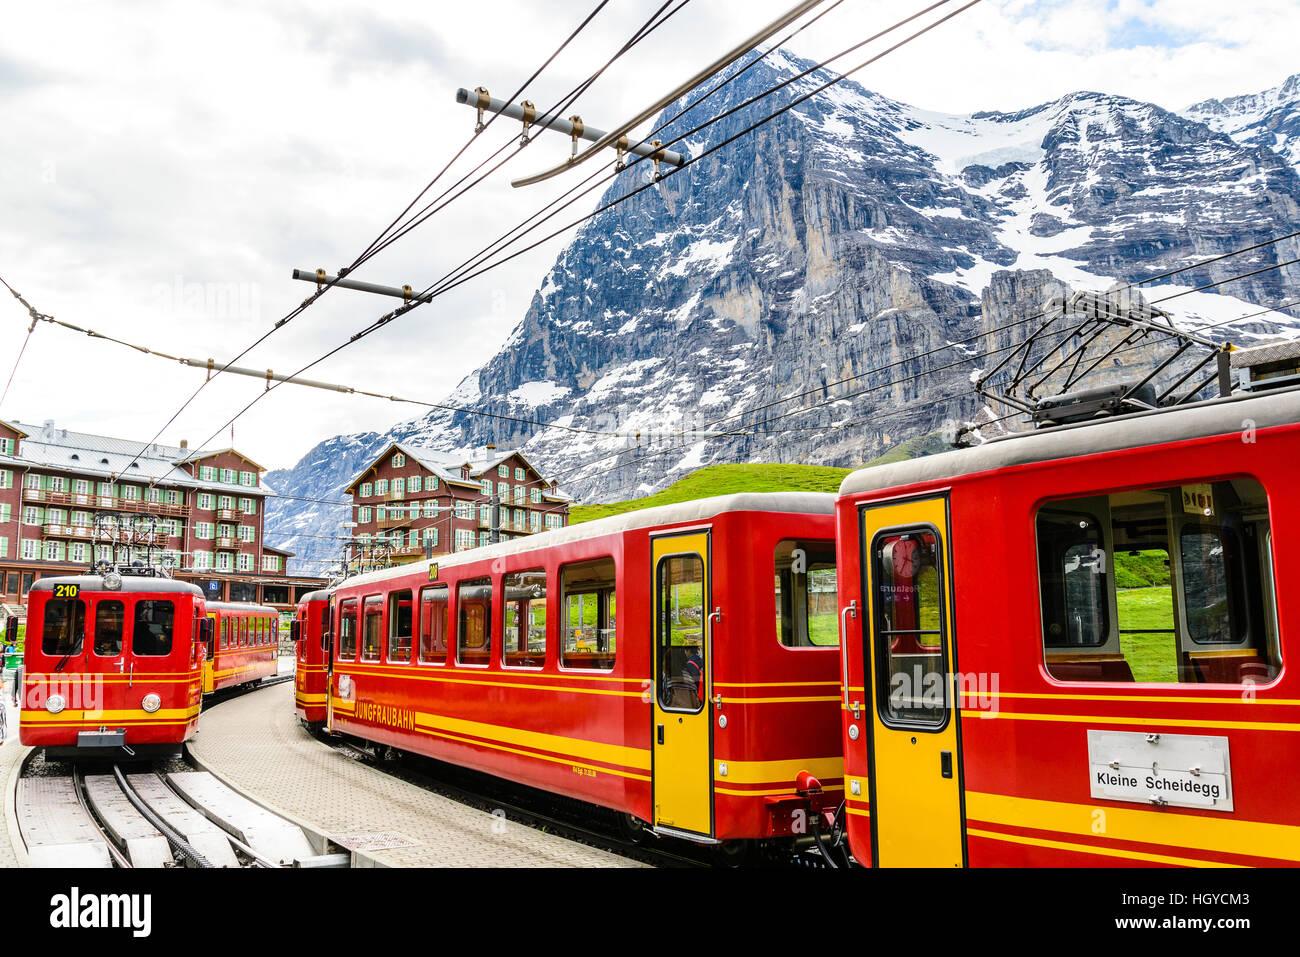 Mountain railway trains at Kleine Scheidegg above Grindelwald Switzerland with the Eiger behind - Stock Image